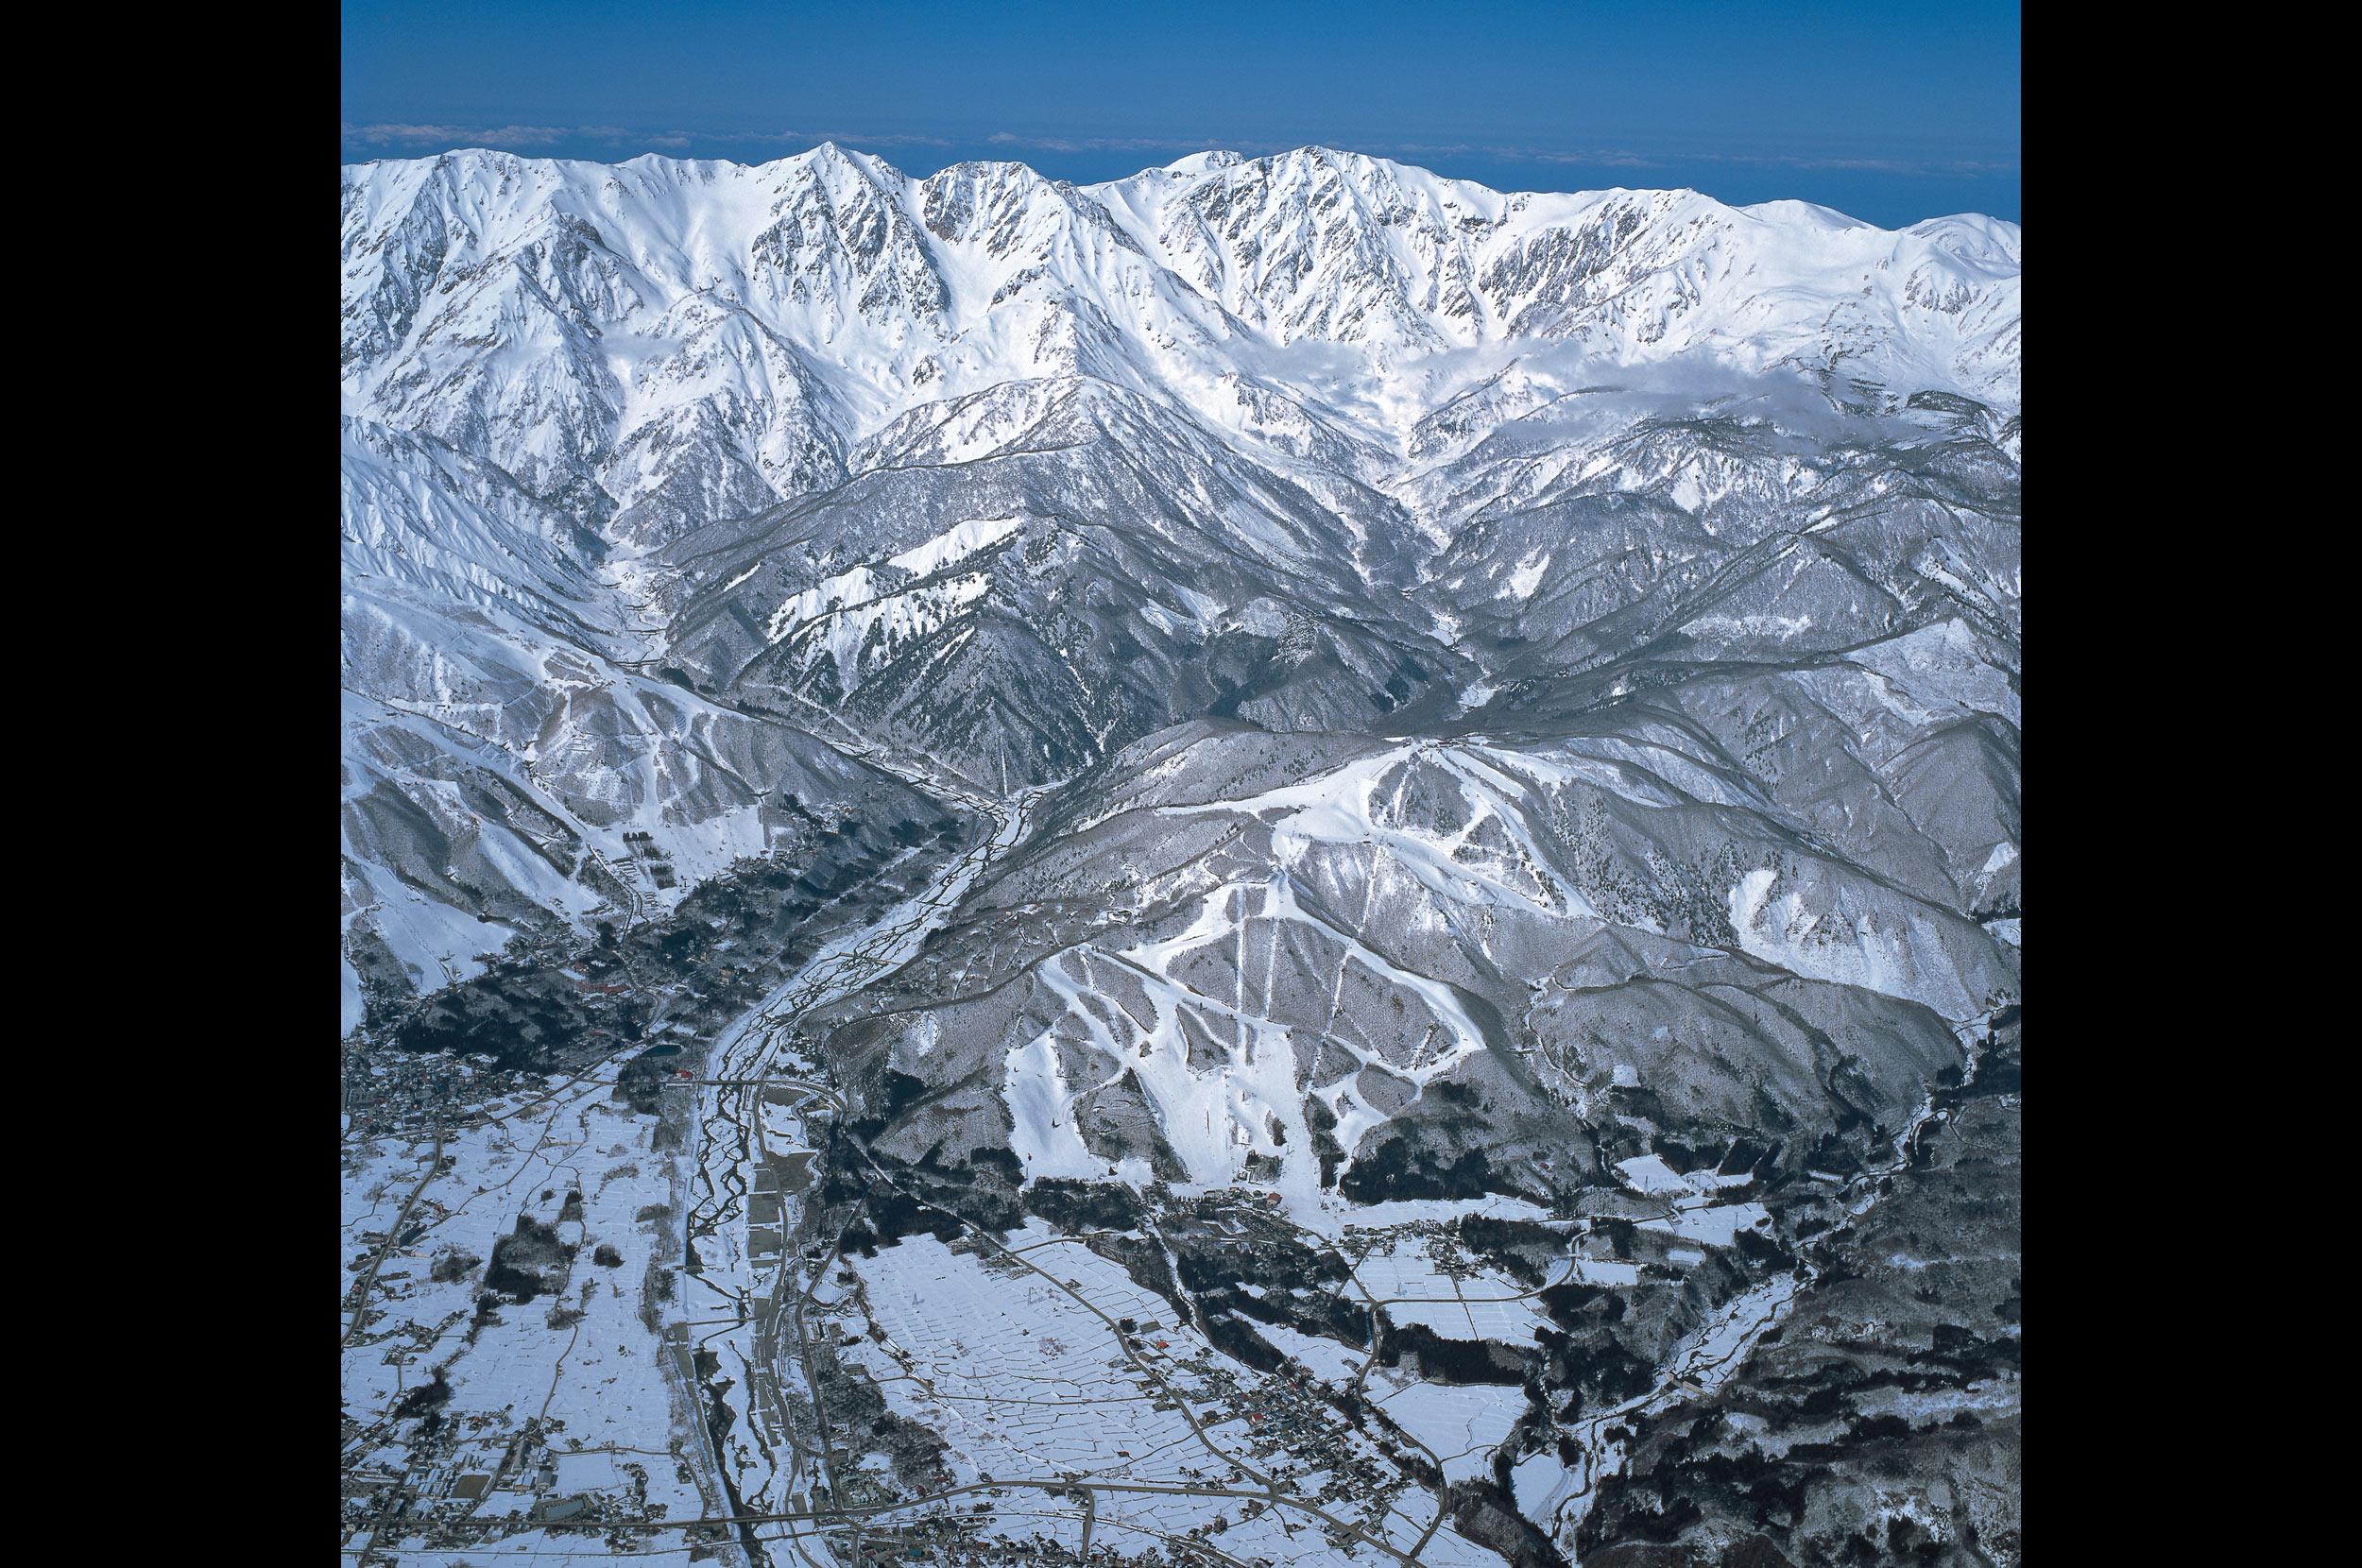 鳥瞰写真(冬)